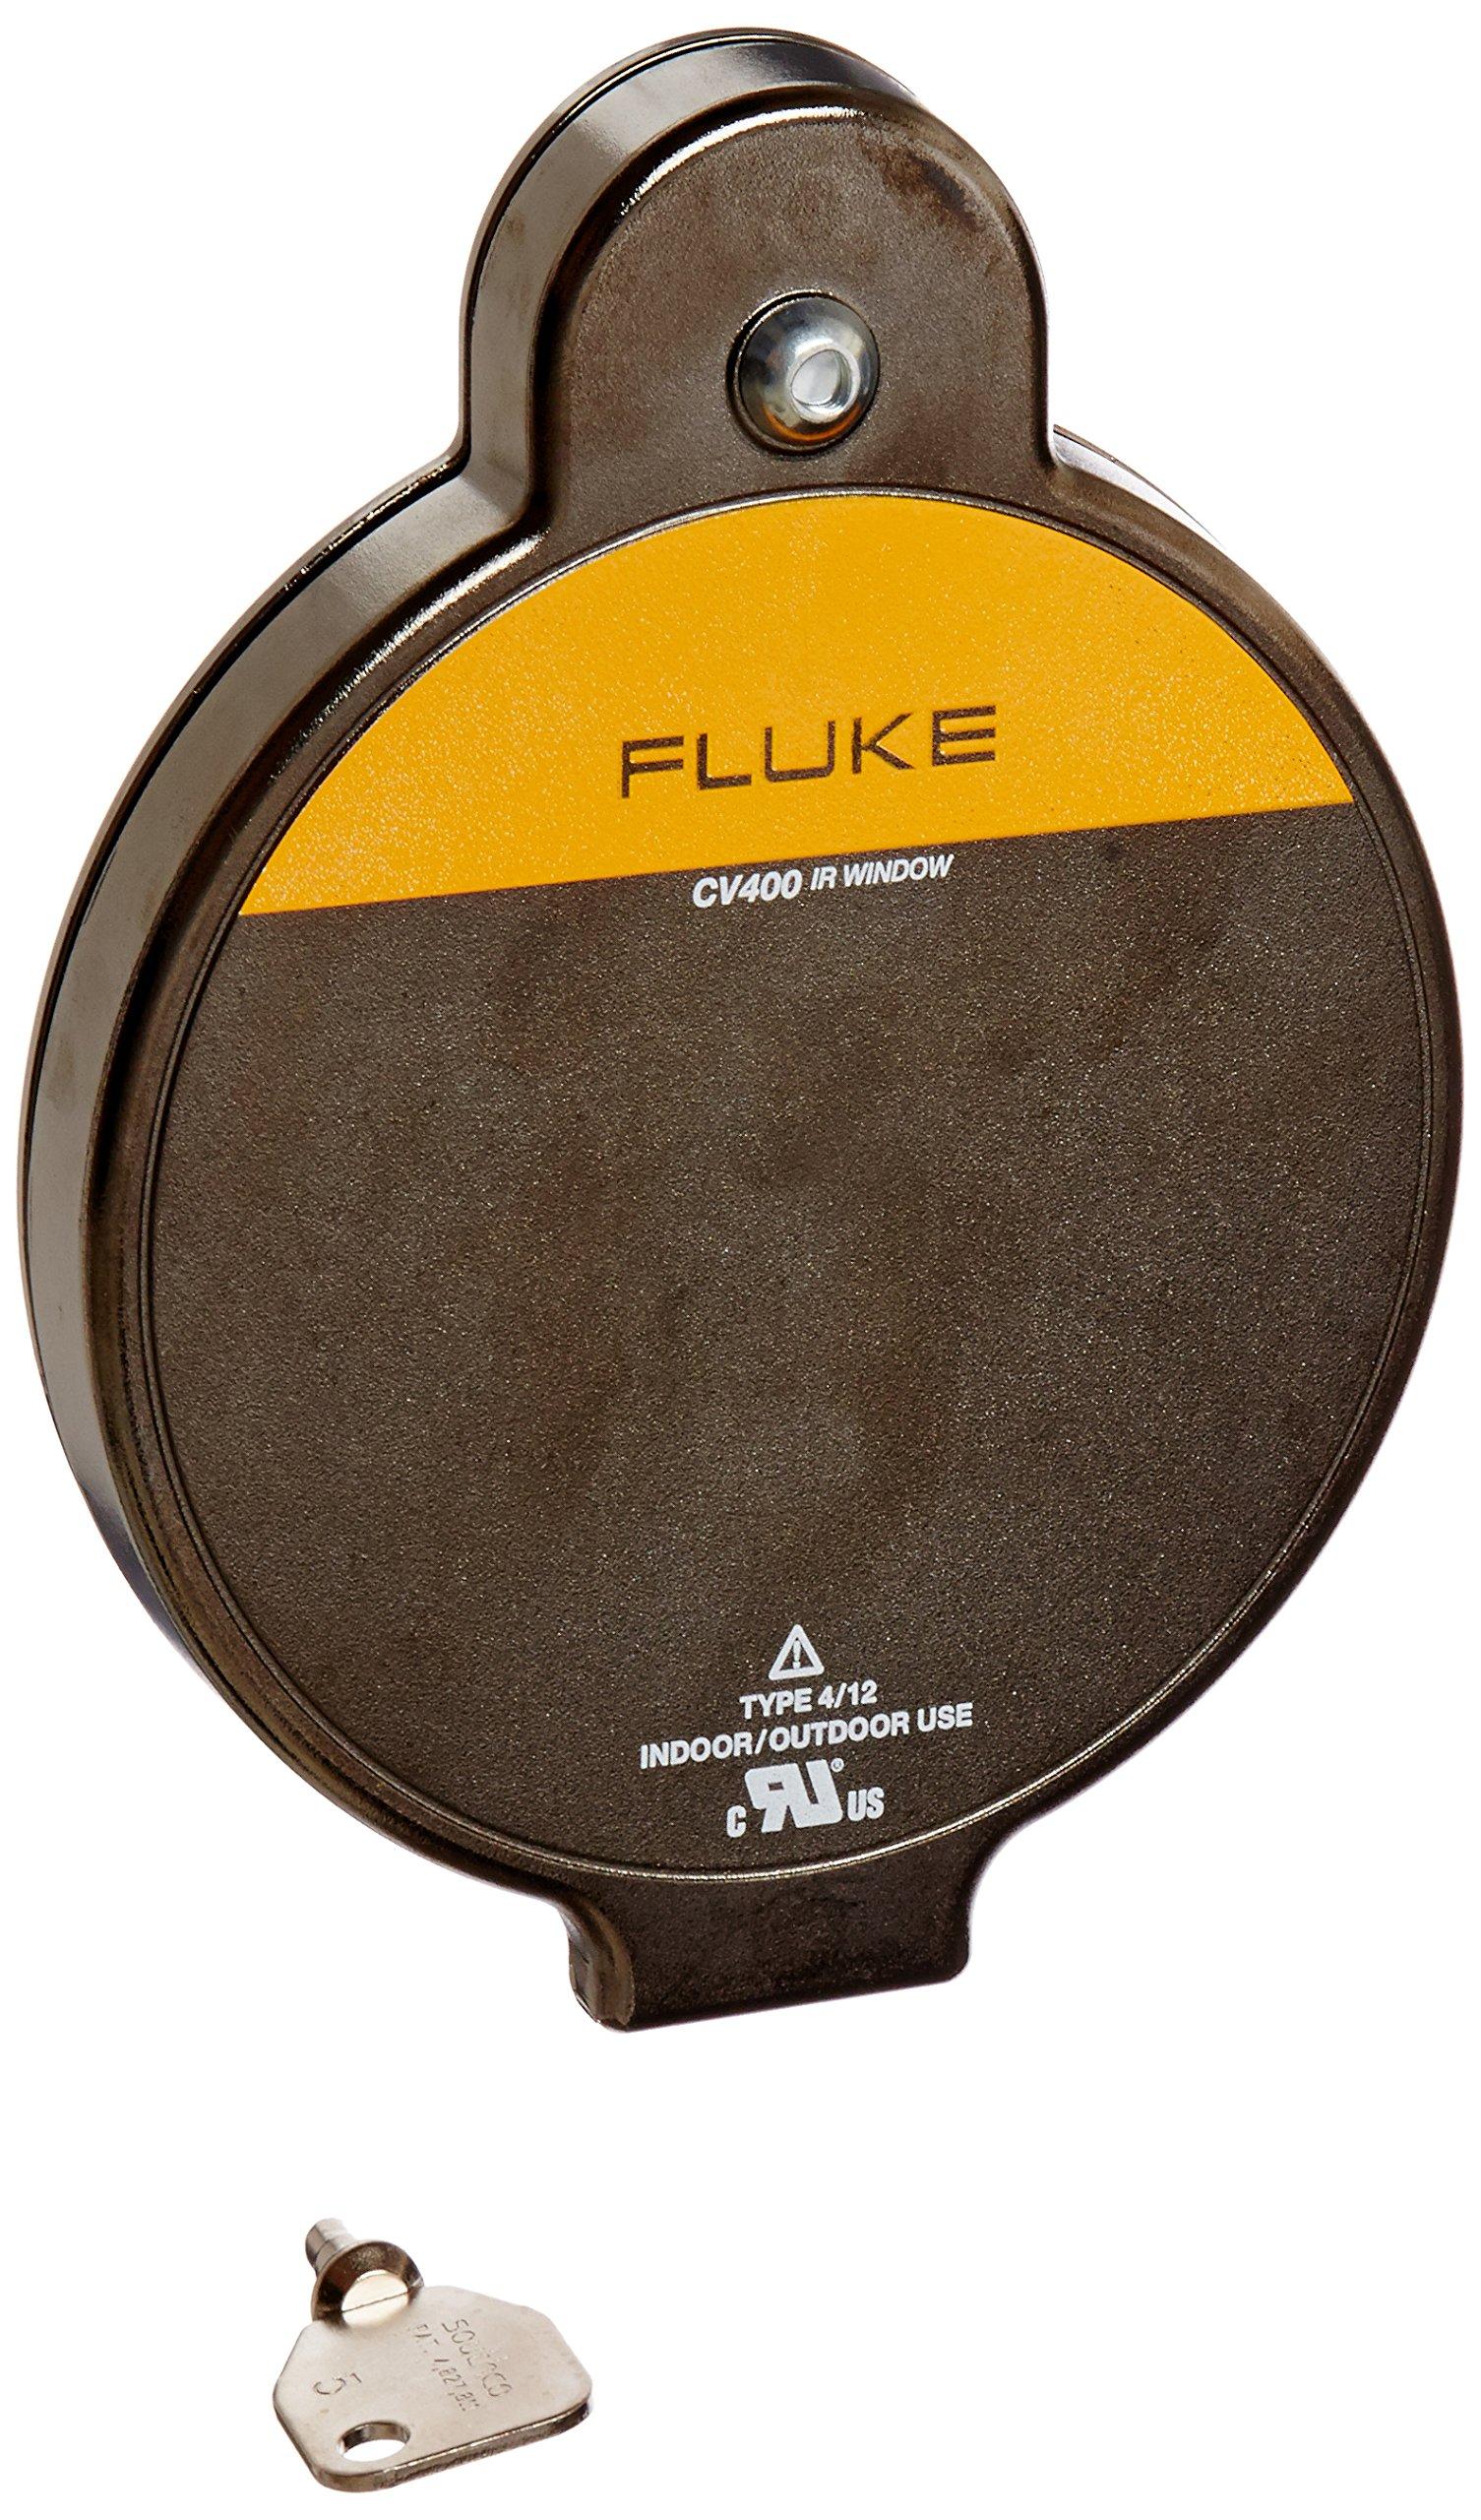 Fluke FLUKE-CV401 4'' Infrared Window with Security Key Door Latch, 7.45'' x 5.79'', 100 mm